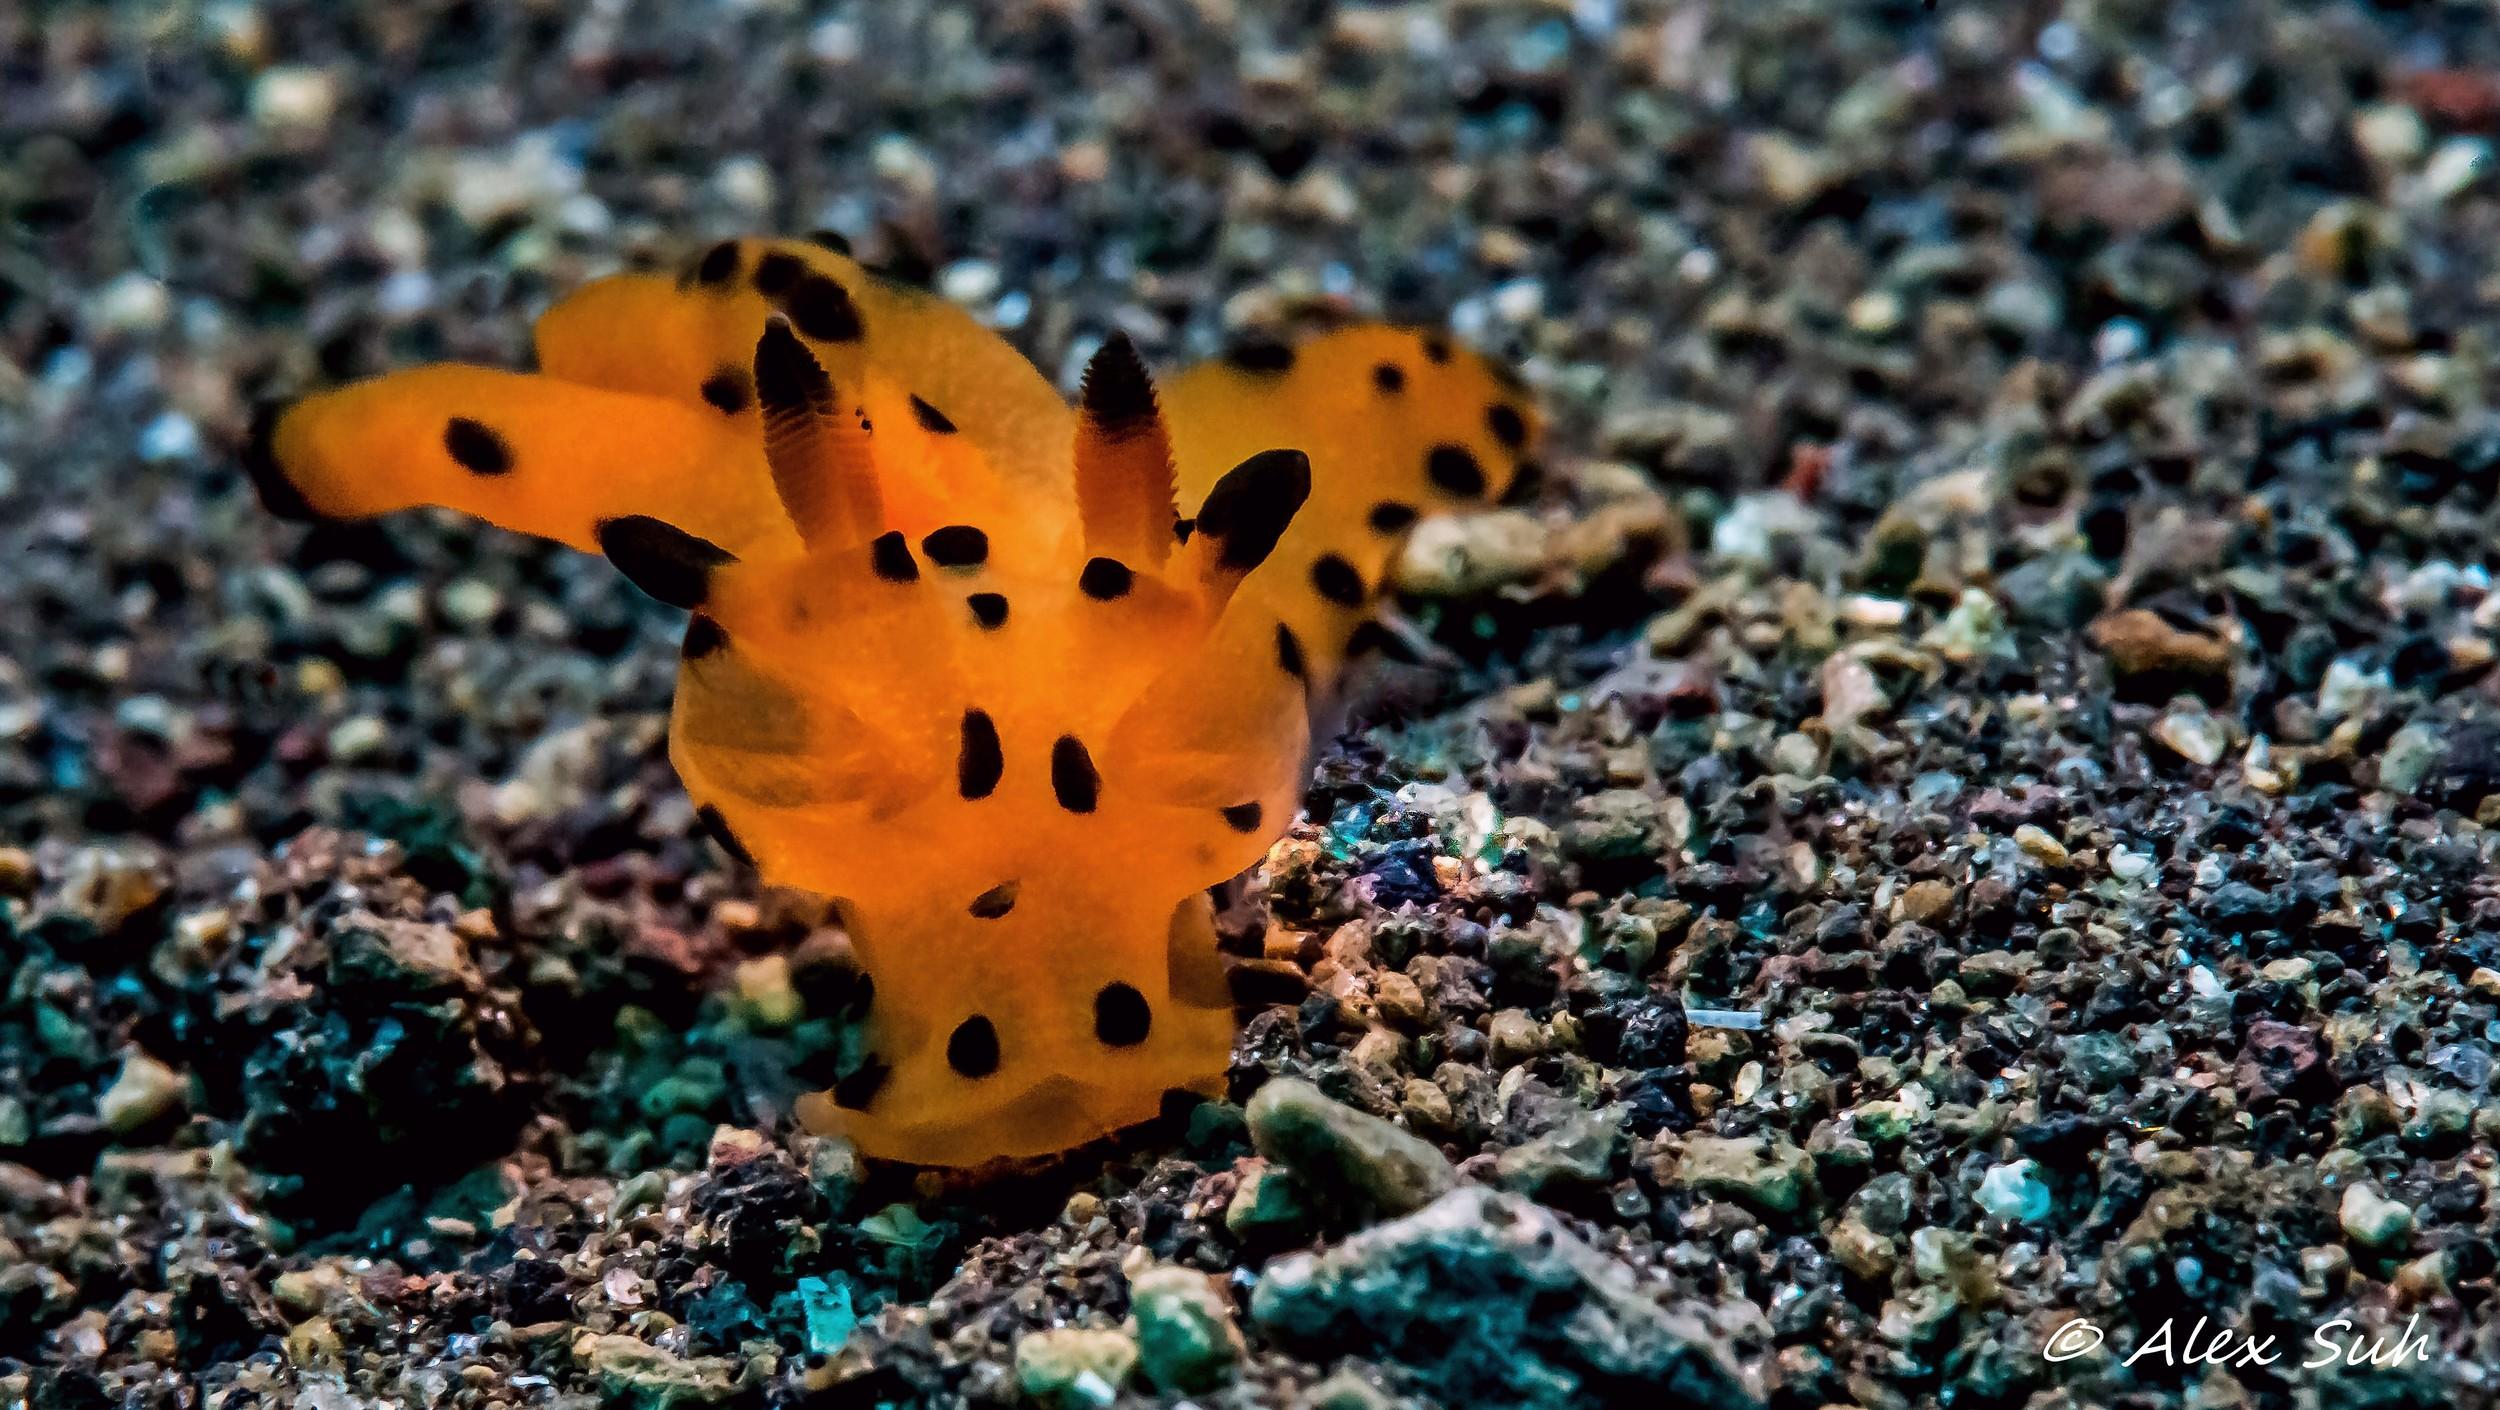 Pikachu Nudibranch (Thecacera sp.)